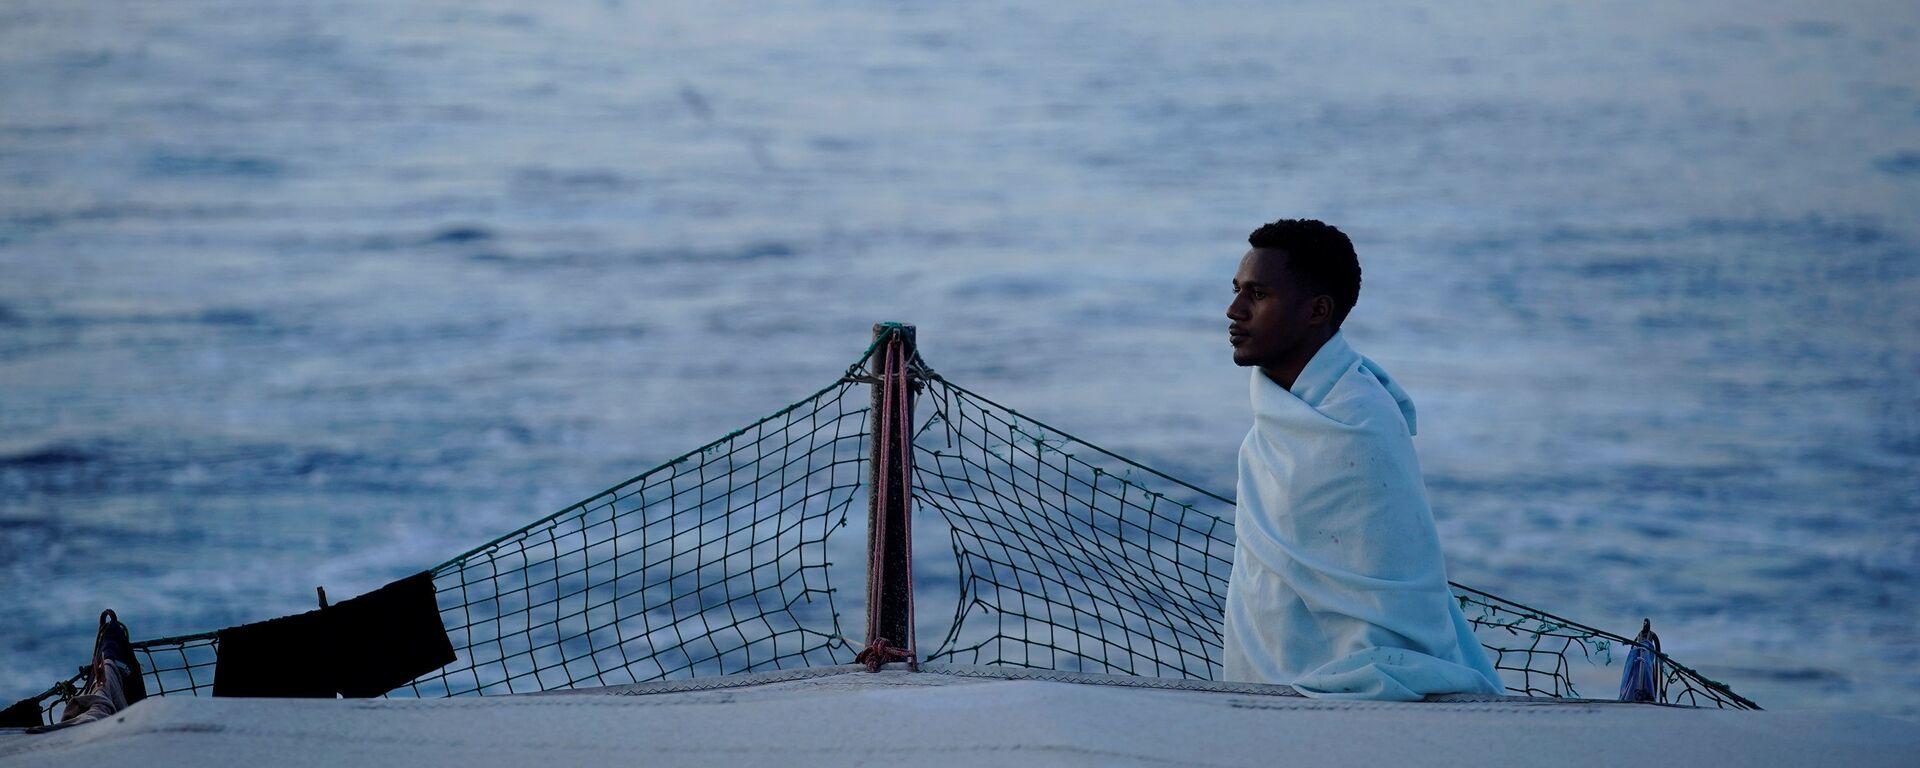 Los migrantes en el barco de la ONG Open Arms en Mediterráneo - Sputnik Mundo, 1920, 07.08.2018